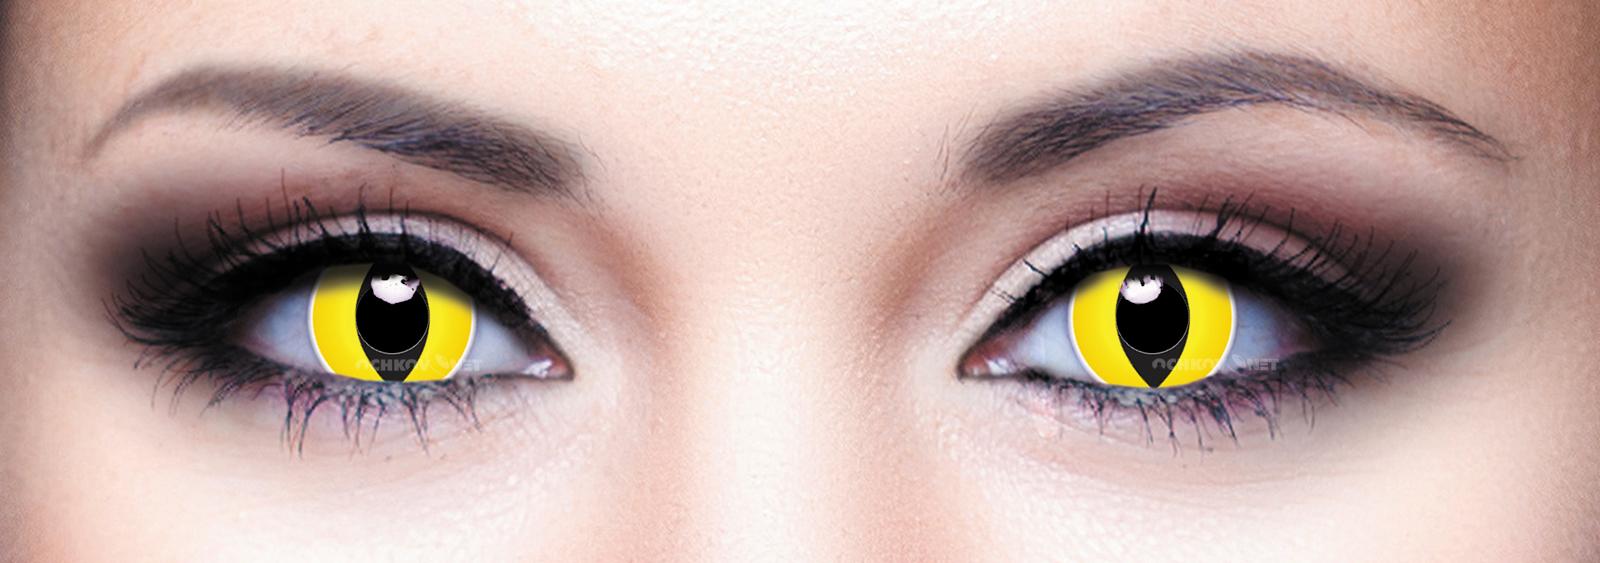 Контактные линзы Eye Free Colors Crazy Кошачий взгляд 009  2 линзы